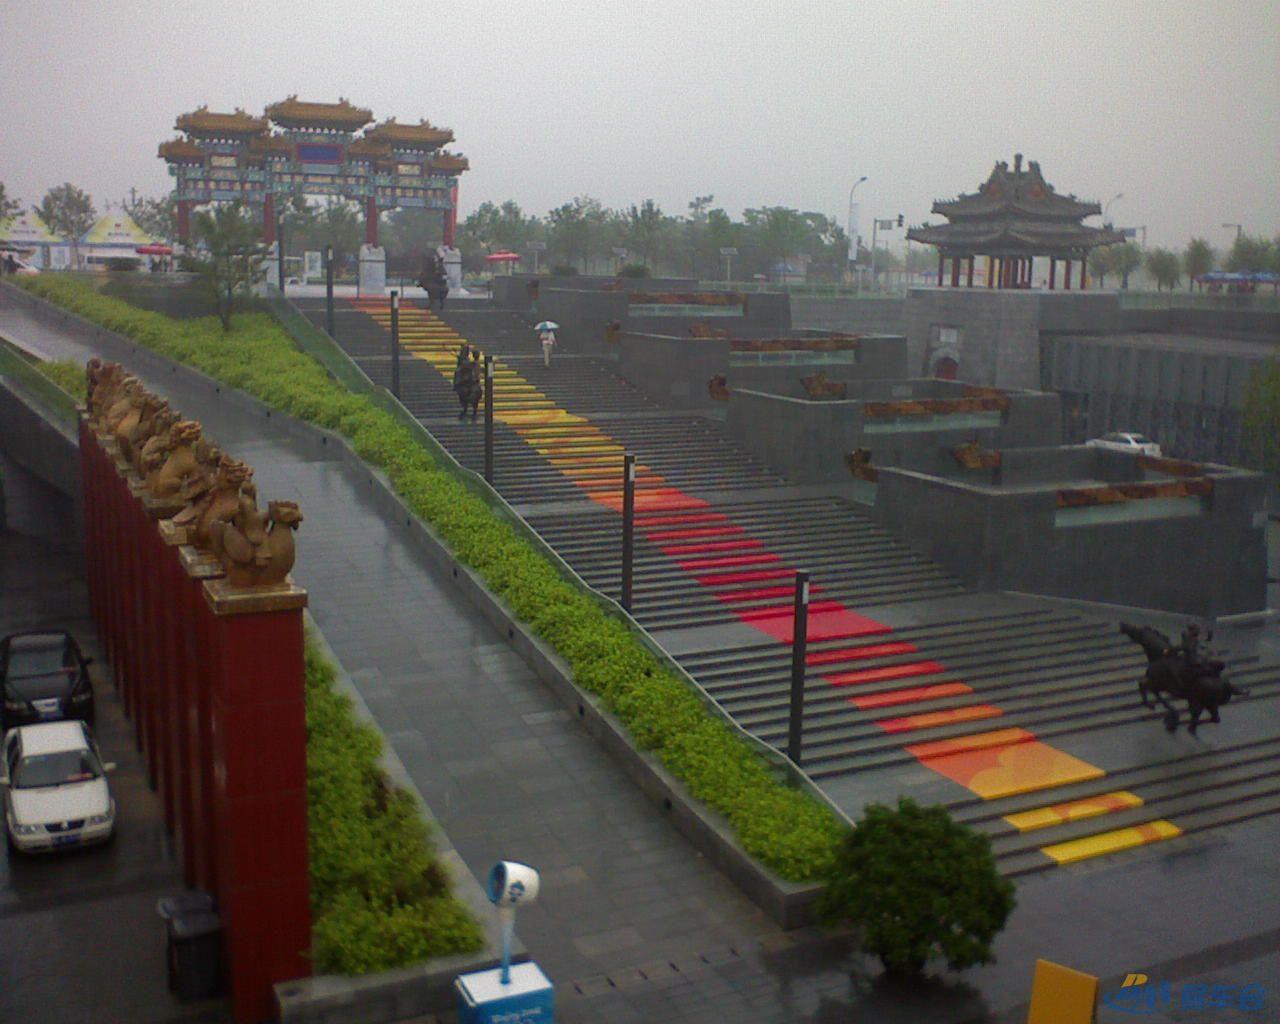 奥林匹克森林公园  描述:步道广场上的景观